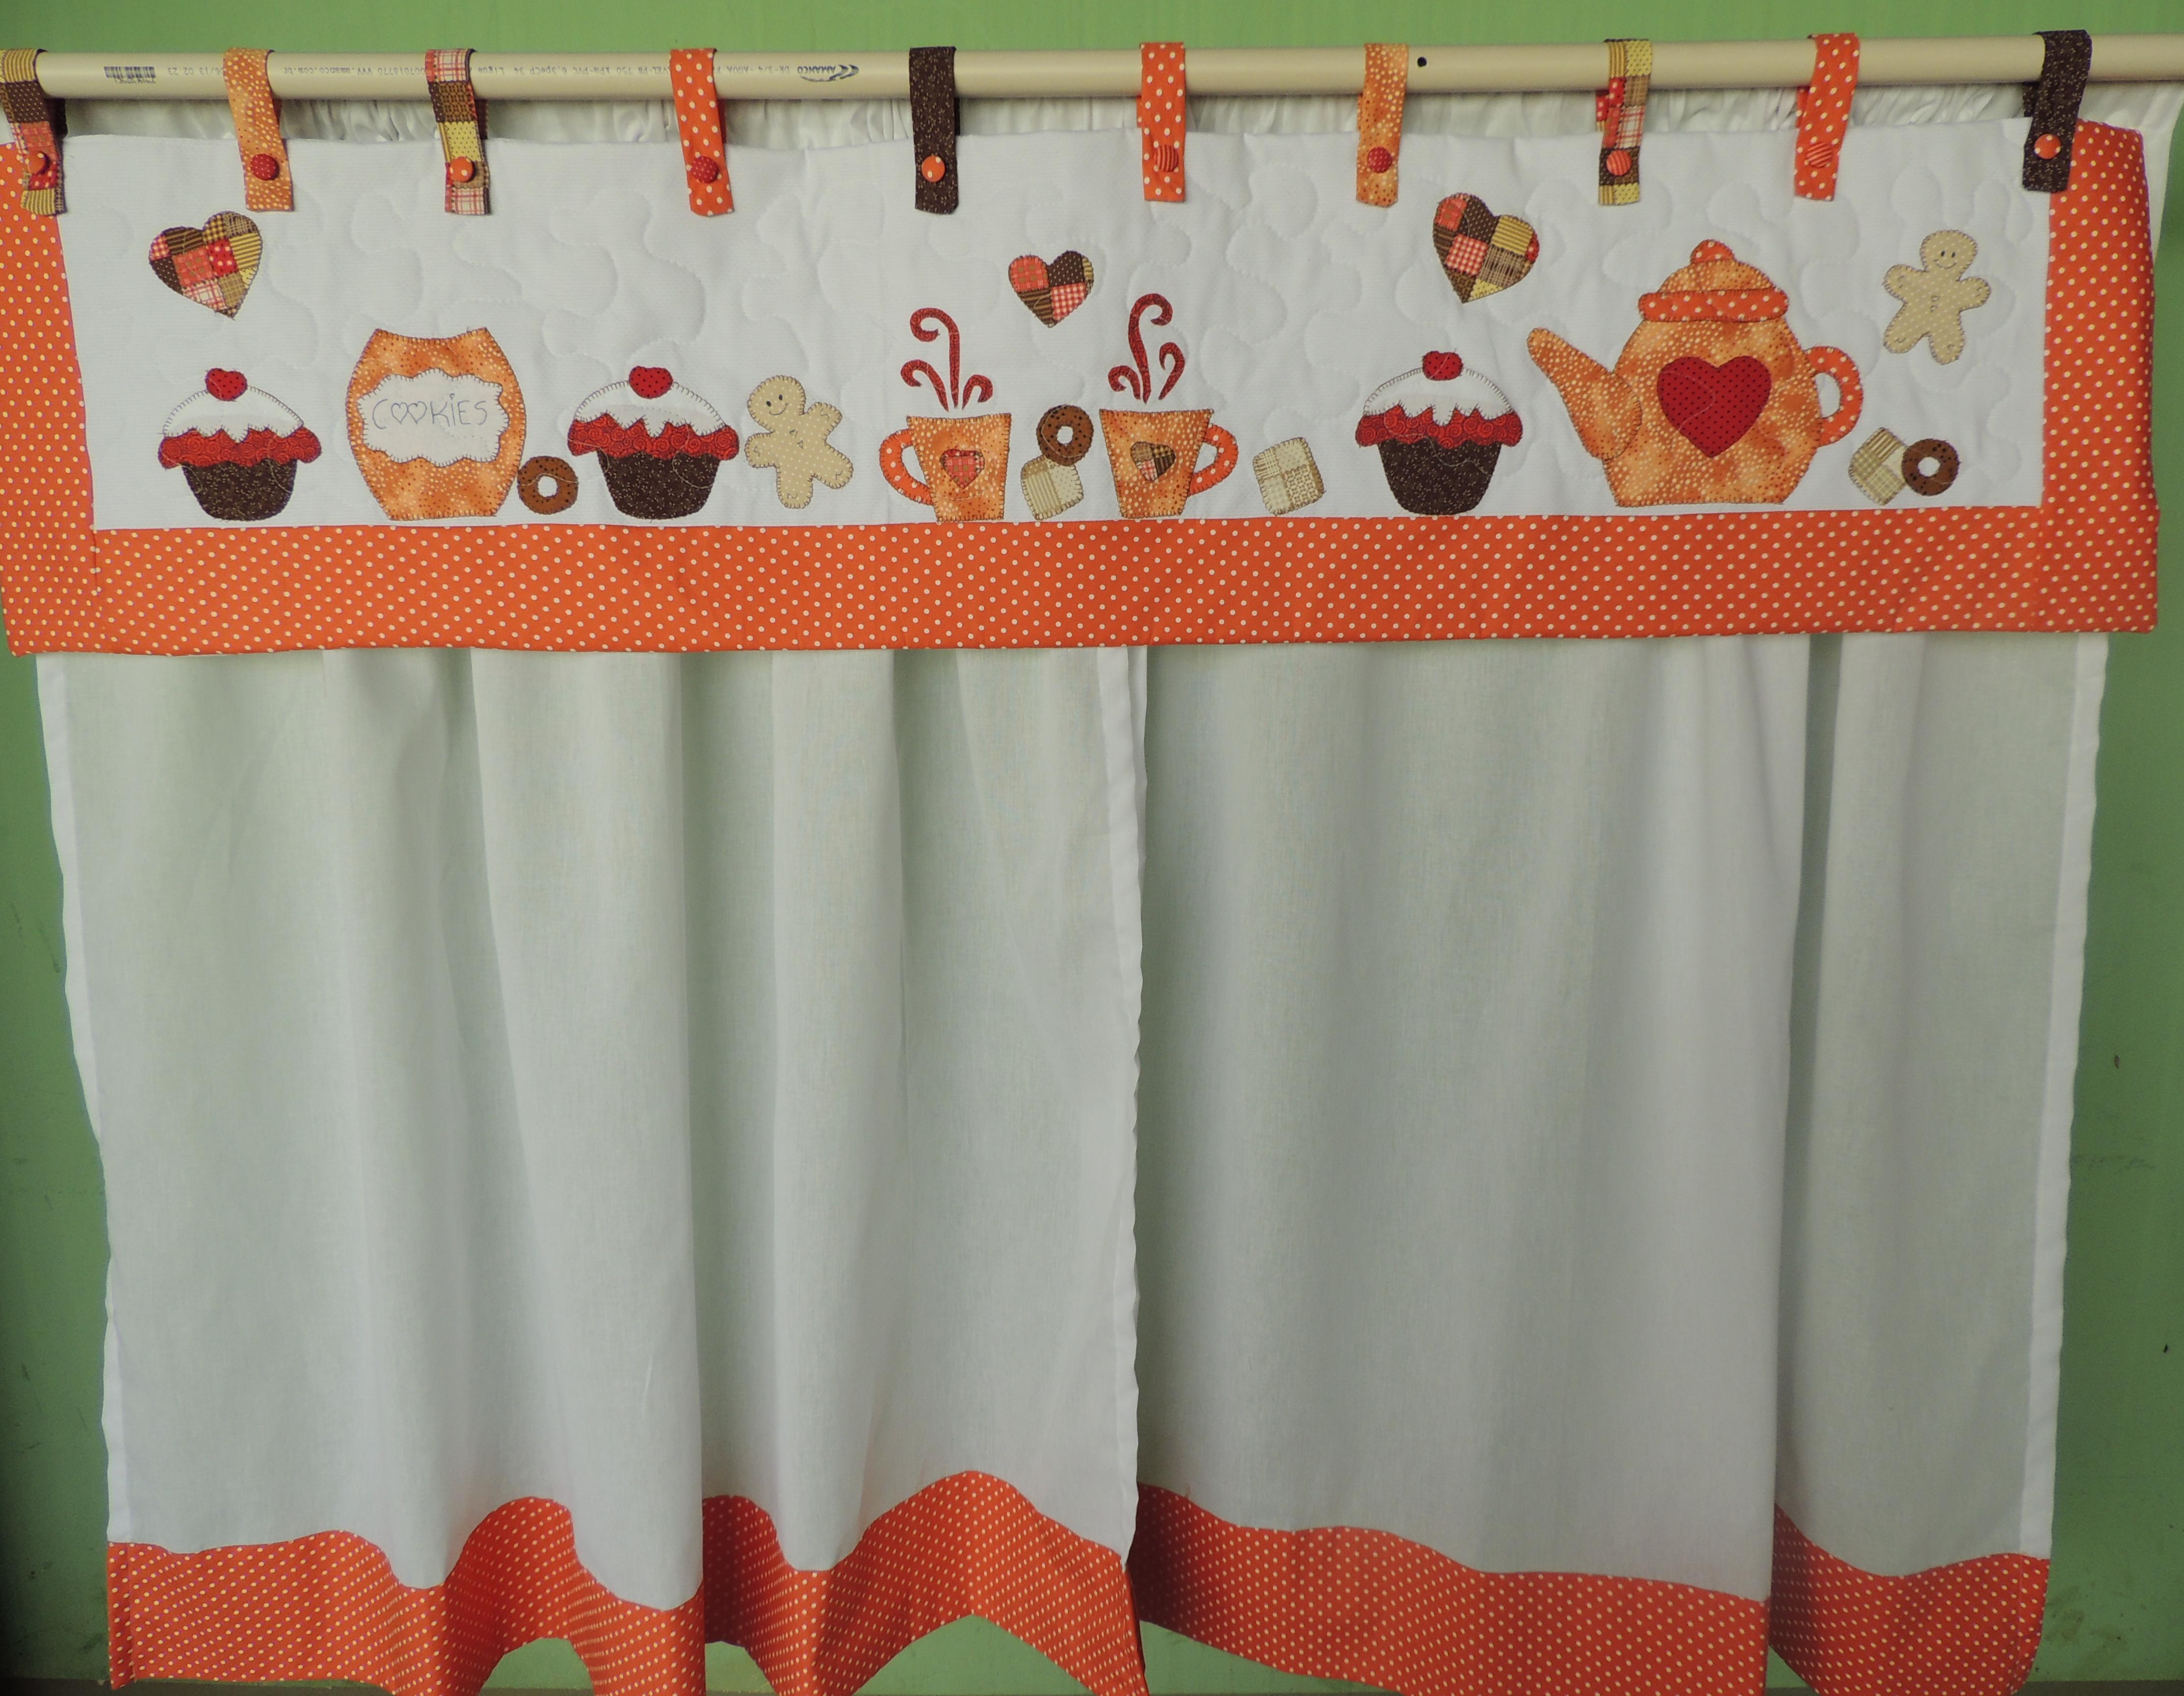 cortina para cozinha Patchwork laranja